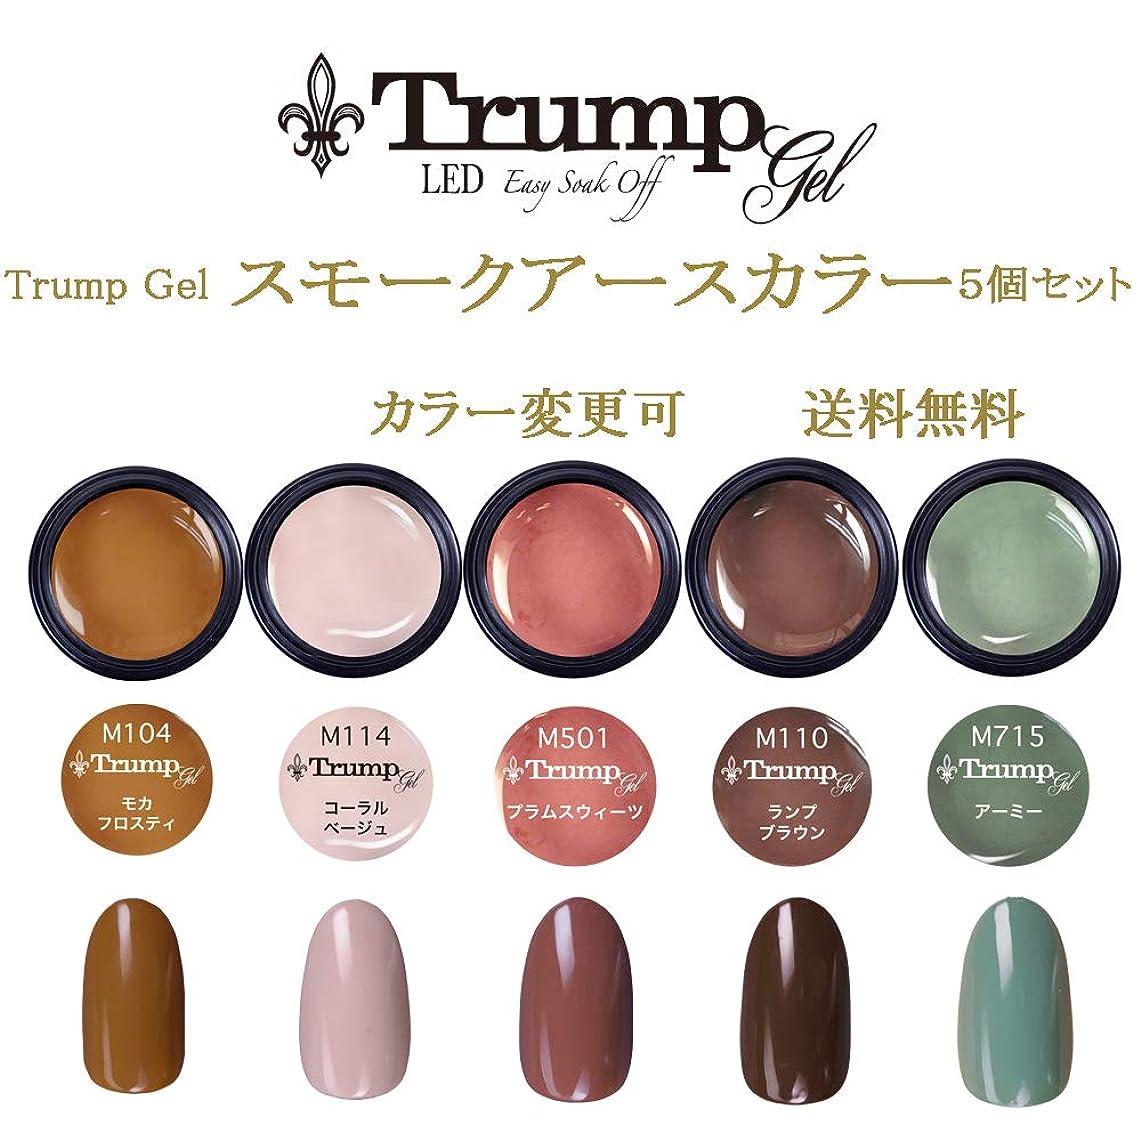 夕方シンカンヘルパー【送料無料】日本製 Trump gel トランプジェル スモークアース 選べる カラージェル 5個セット スモーキー アースカラー ベージュ ブラウン マスタード カーキ カラー